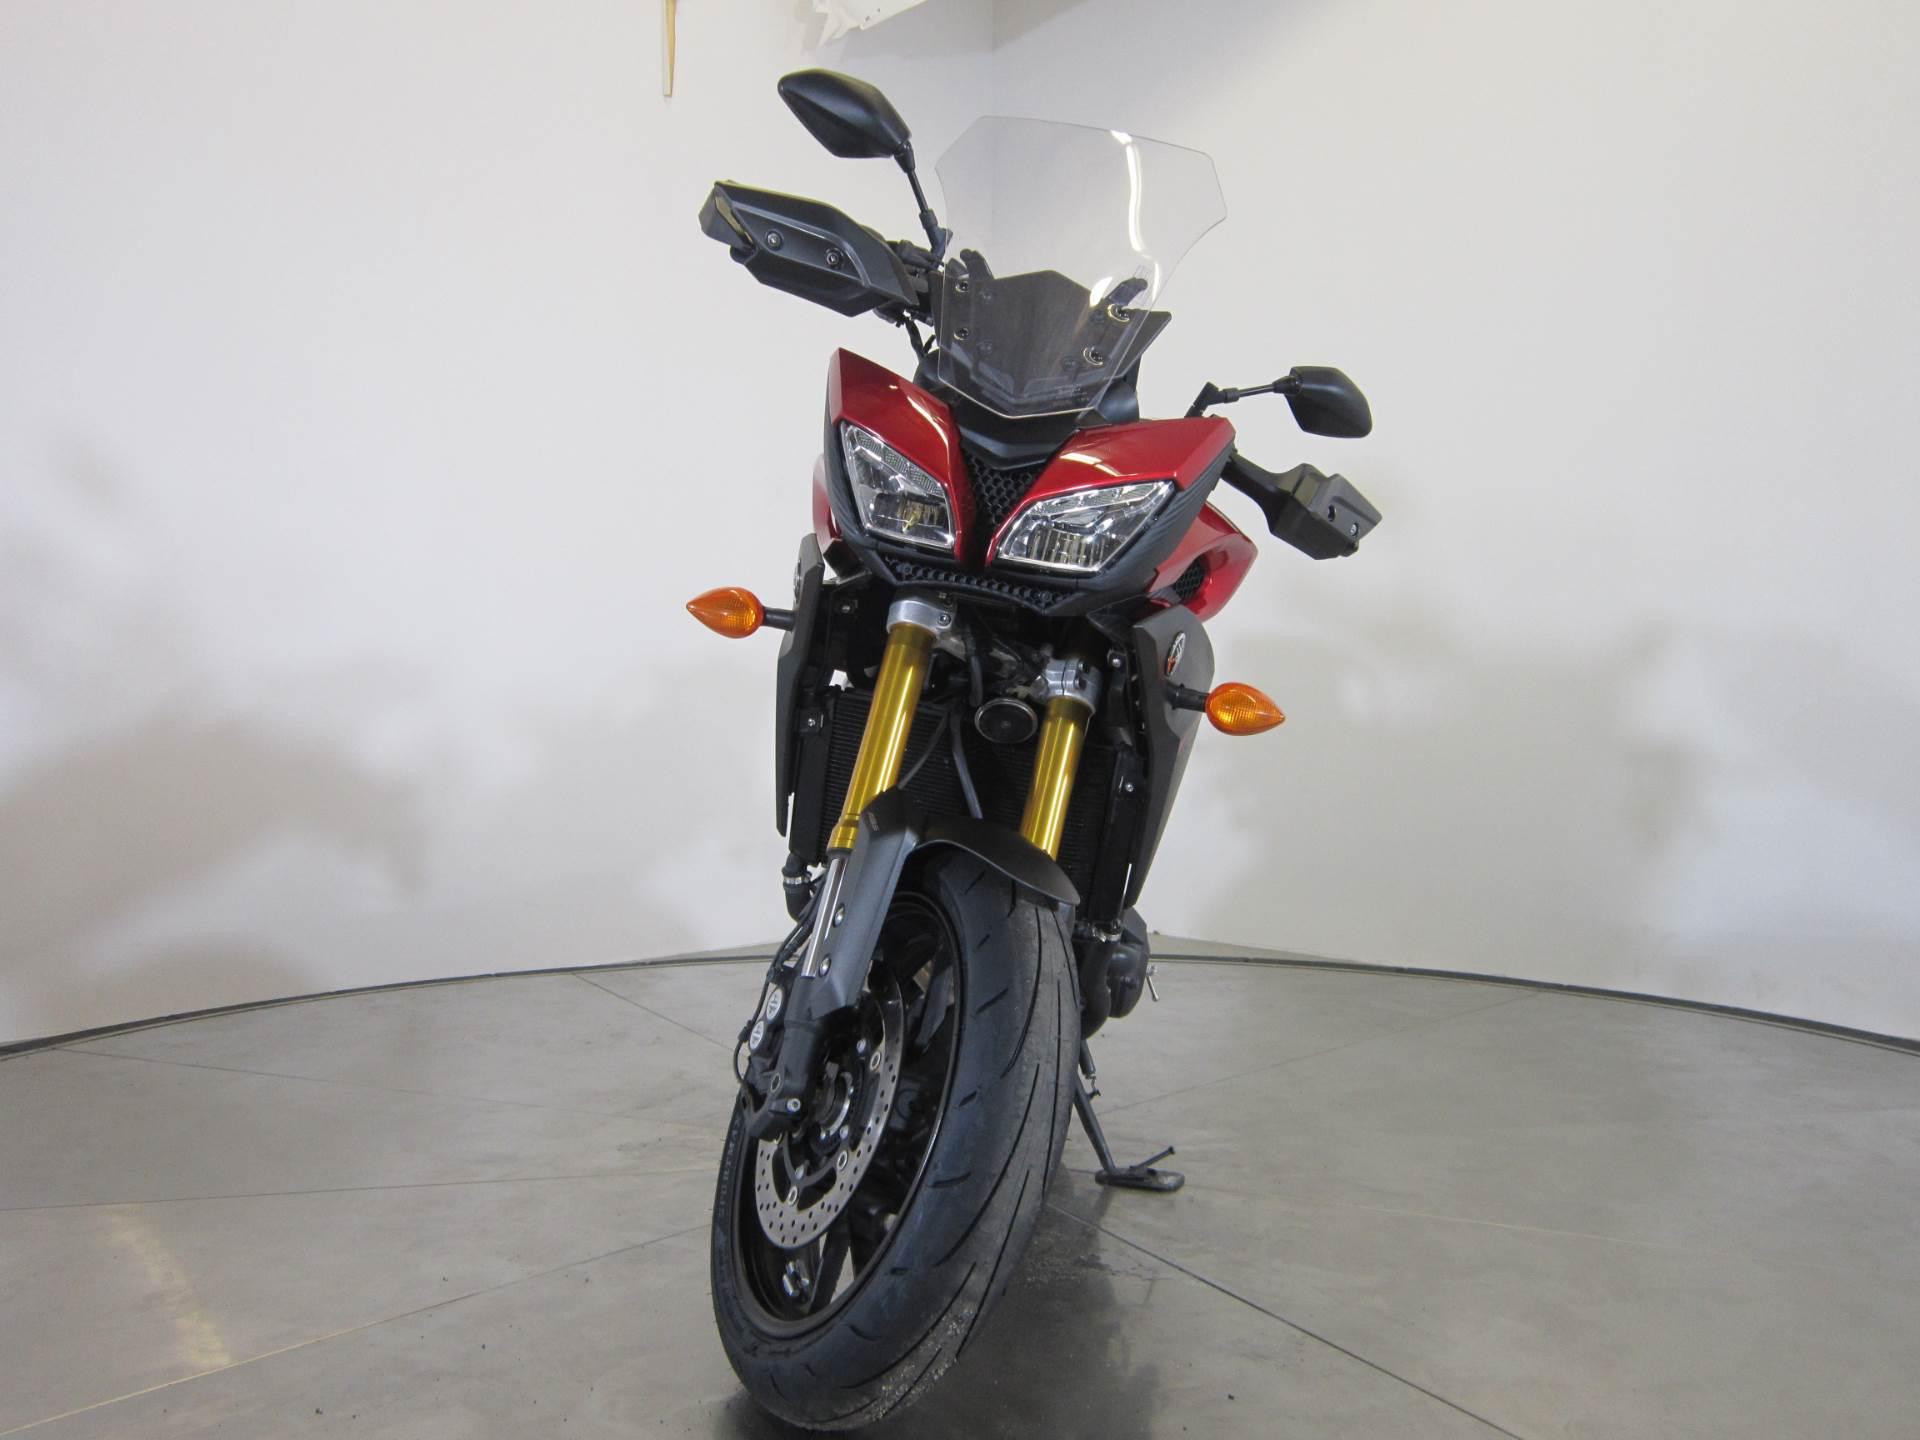 2015 Yamaha FJ-09 2